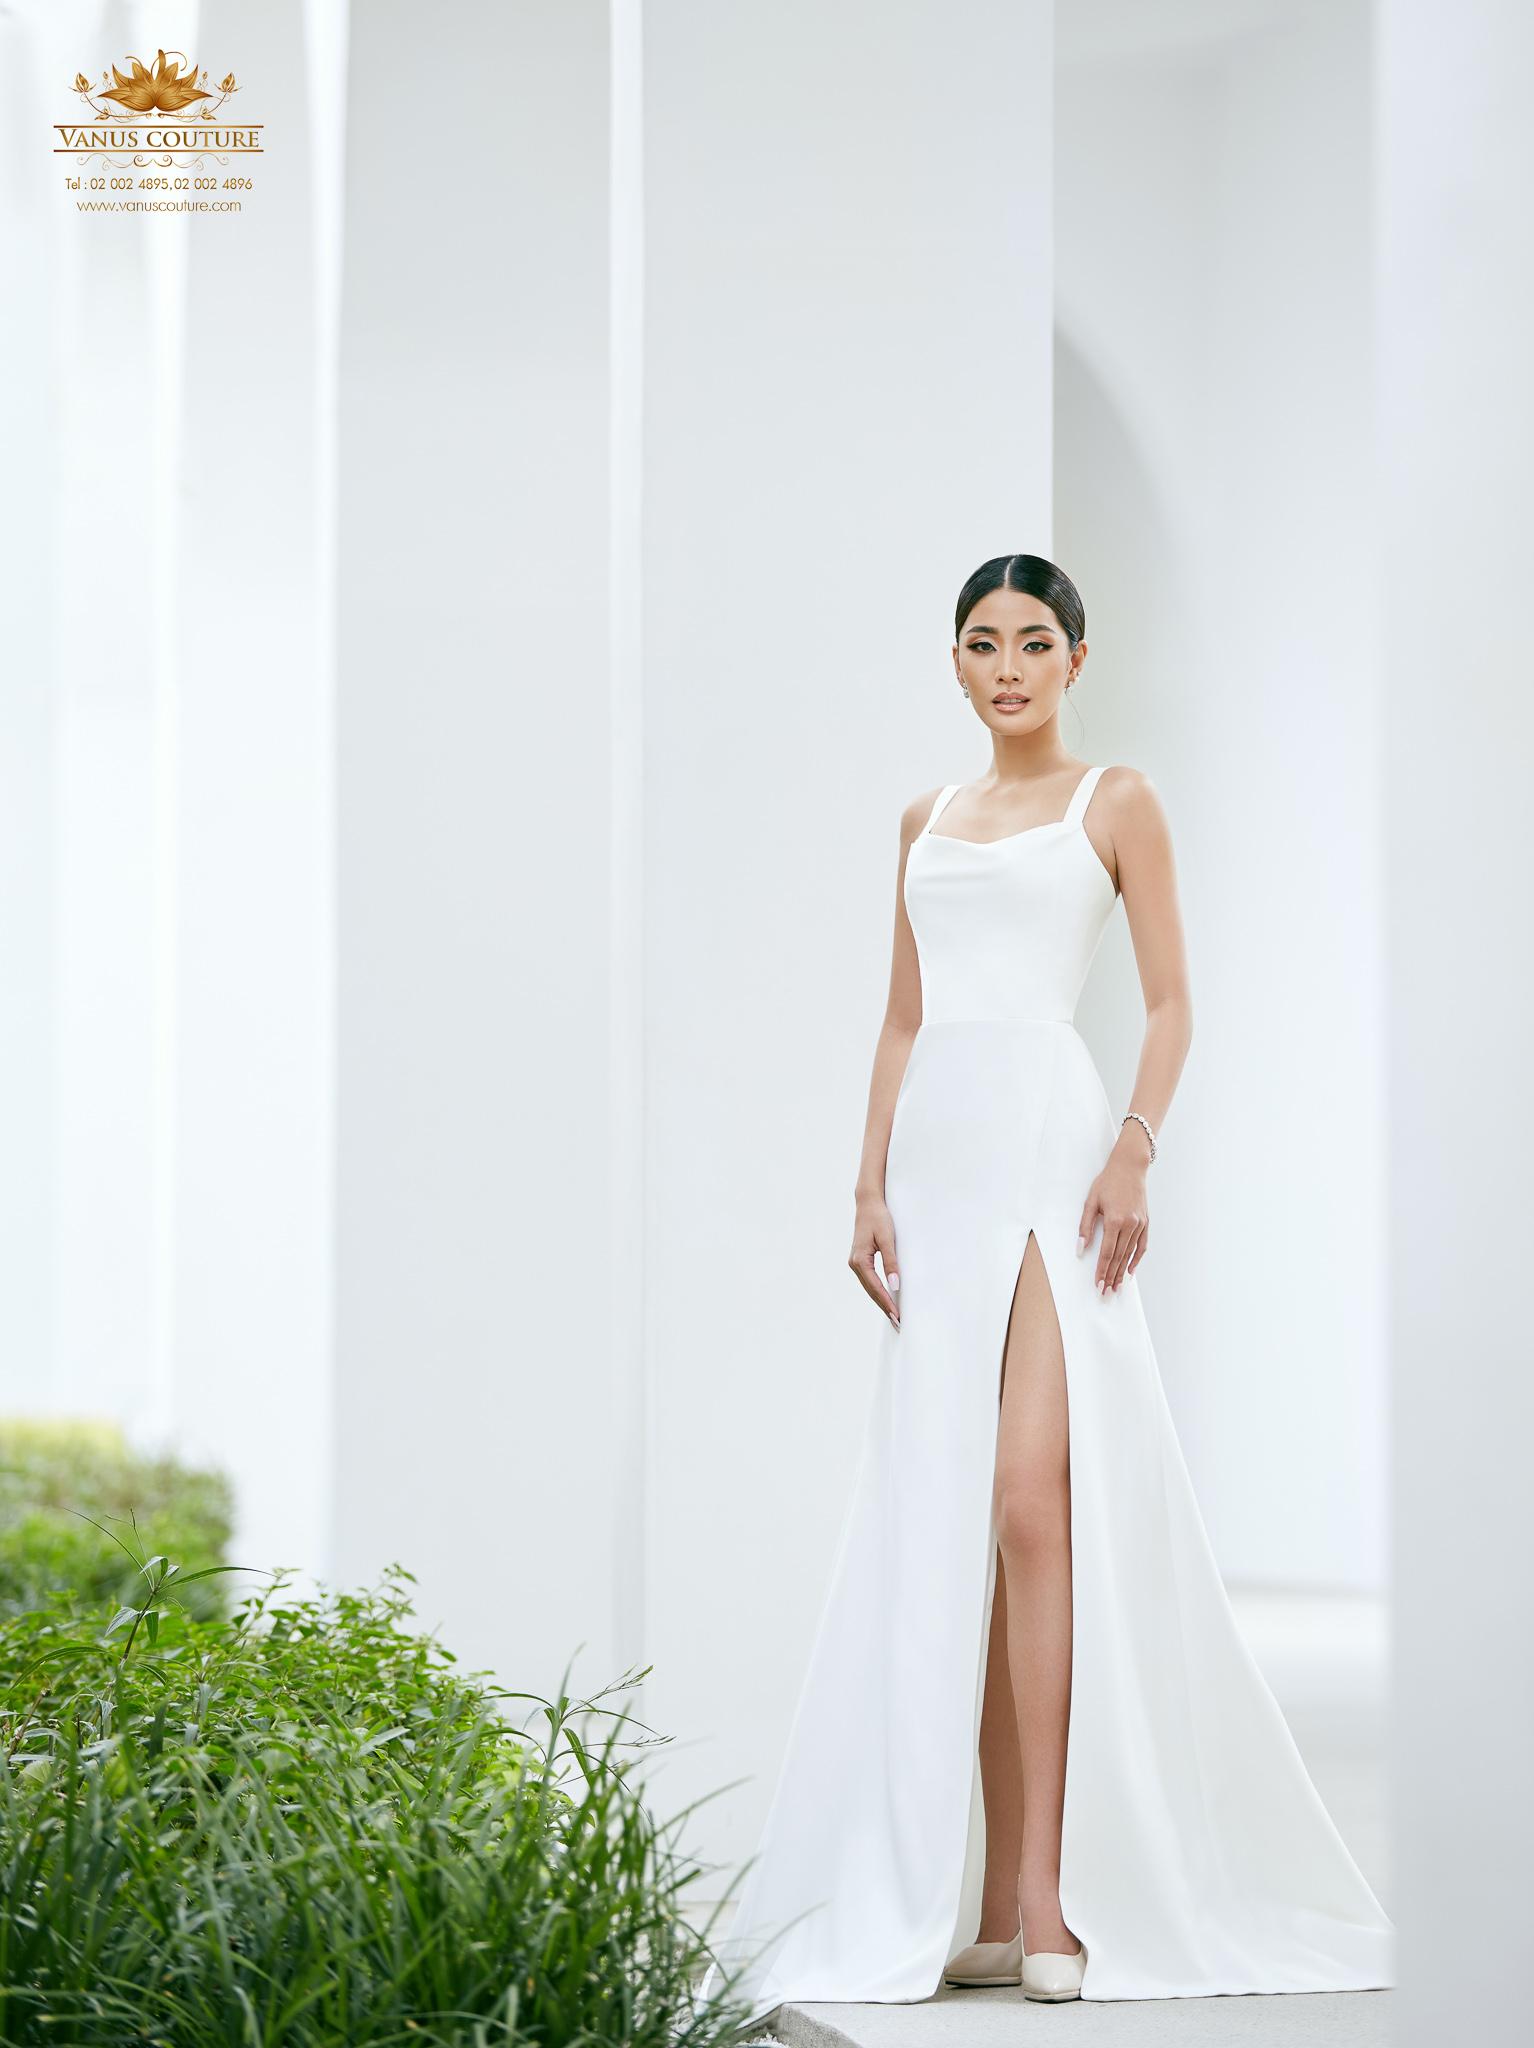 Minimal Wedding Dress - Zorzo 06